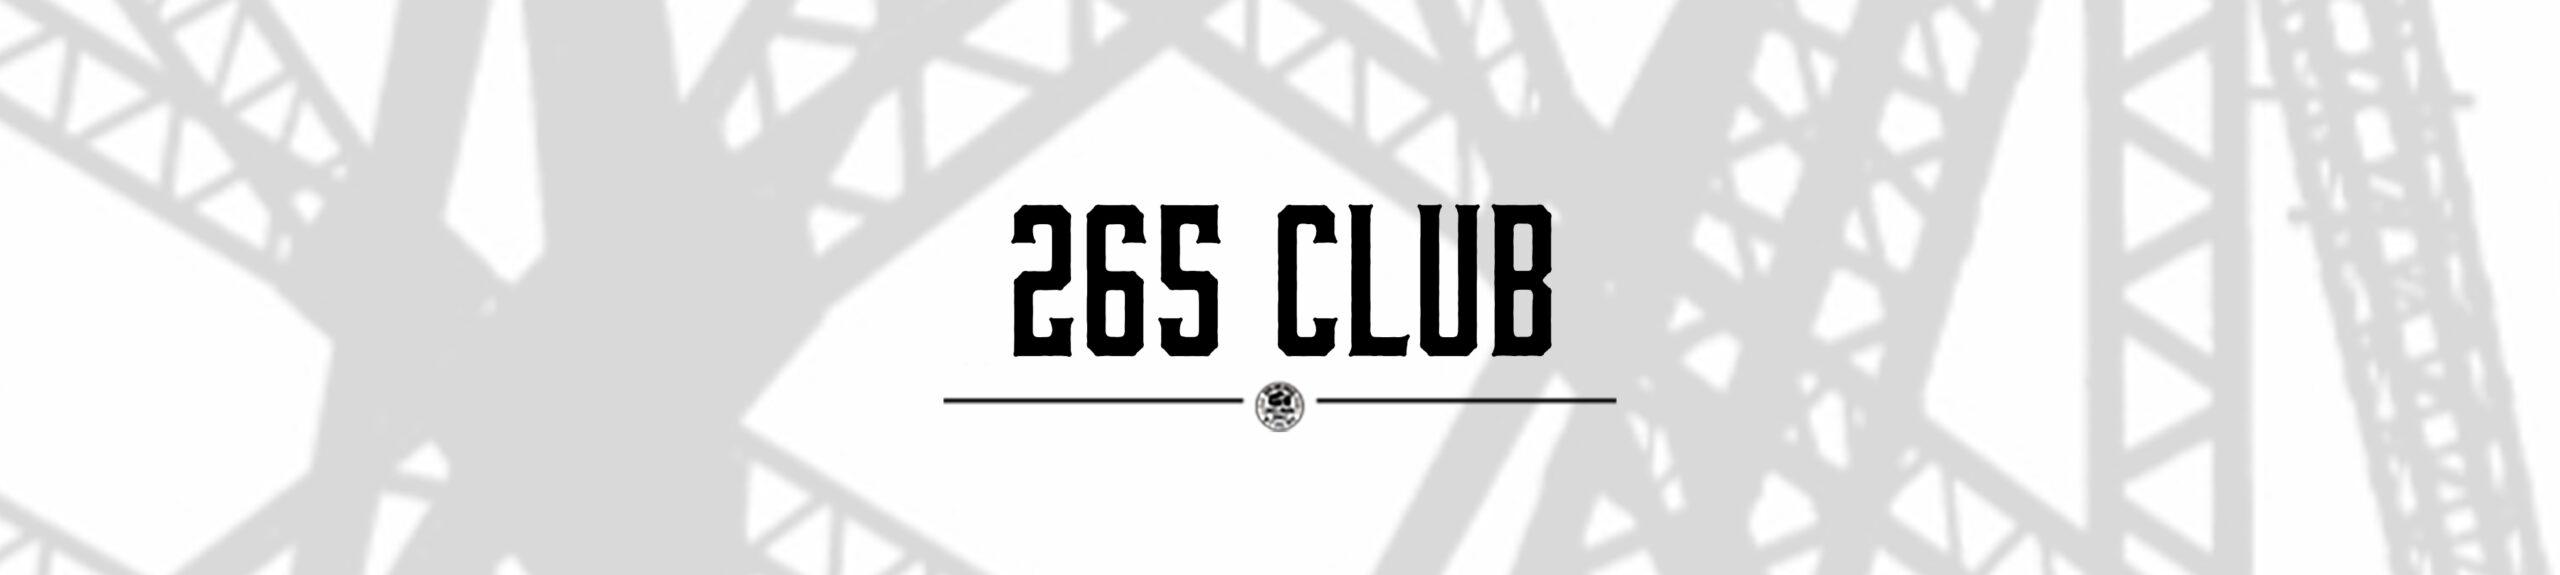 265 Club Title Header